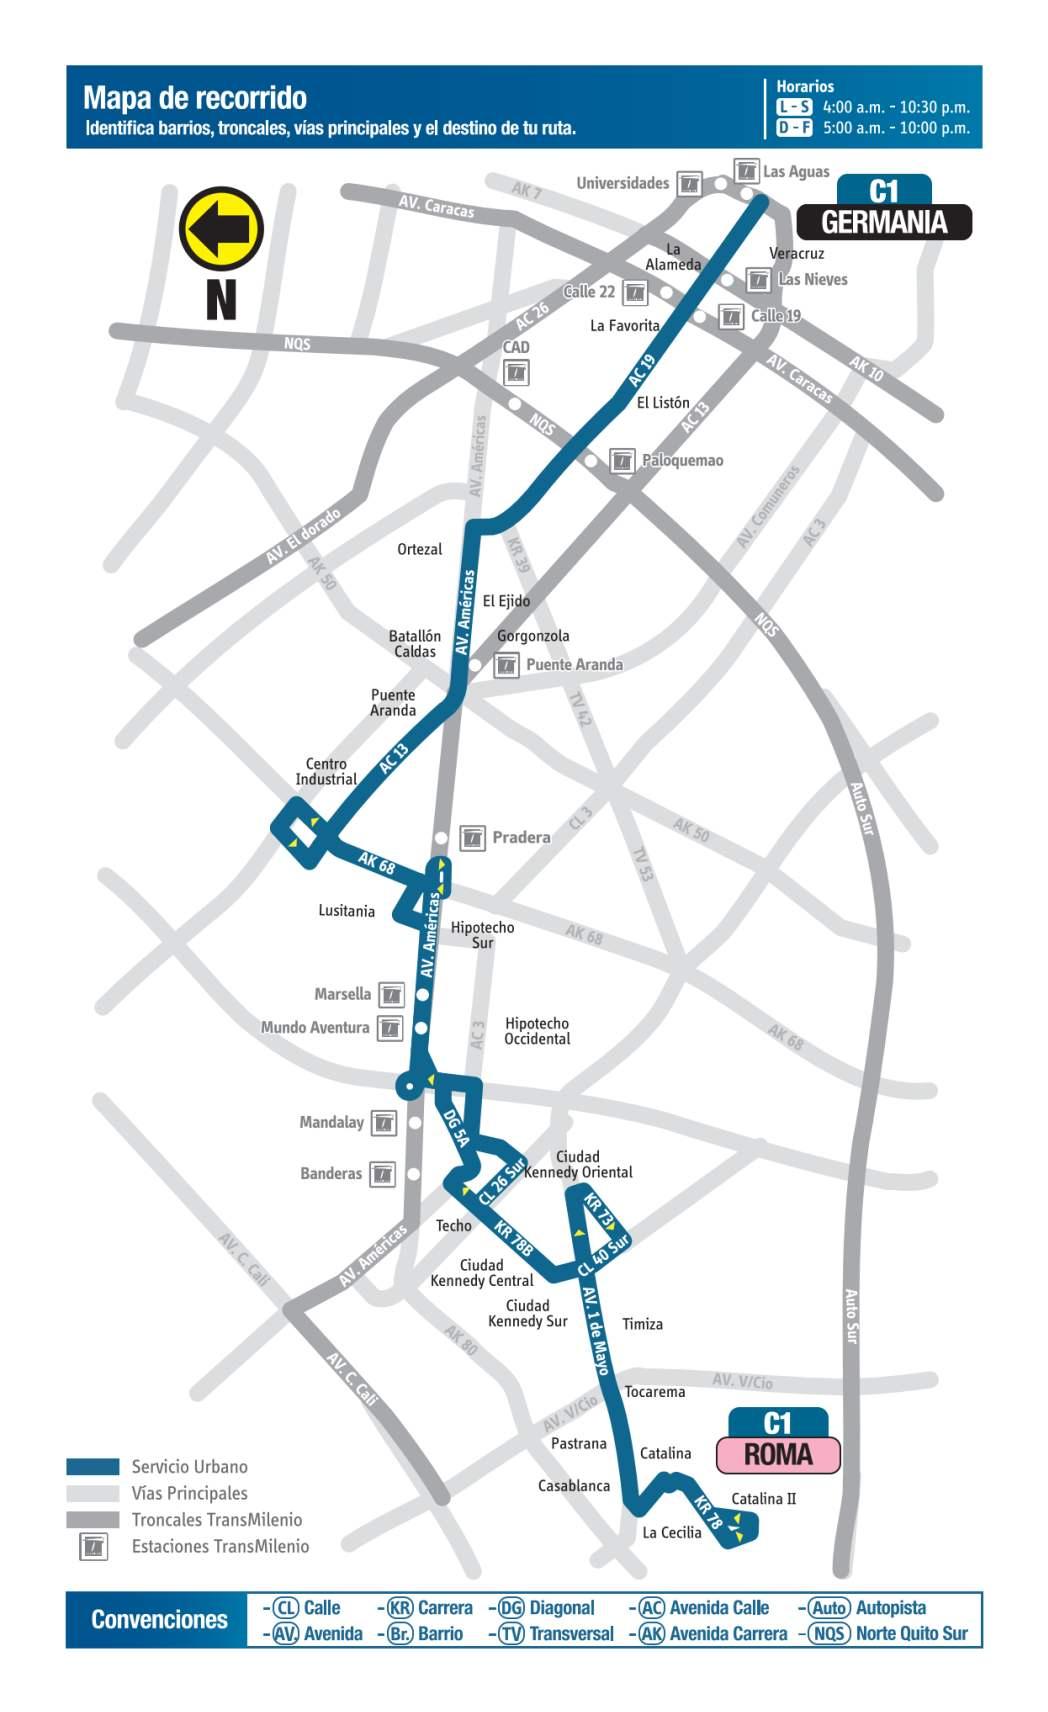 C1 Germania - Roma, mapa bus urbano Bogotá